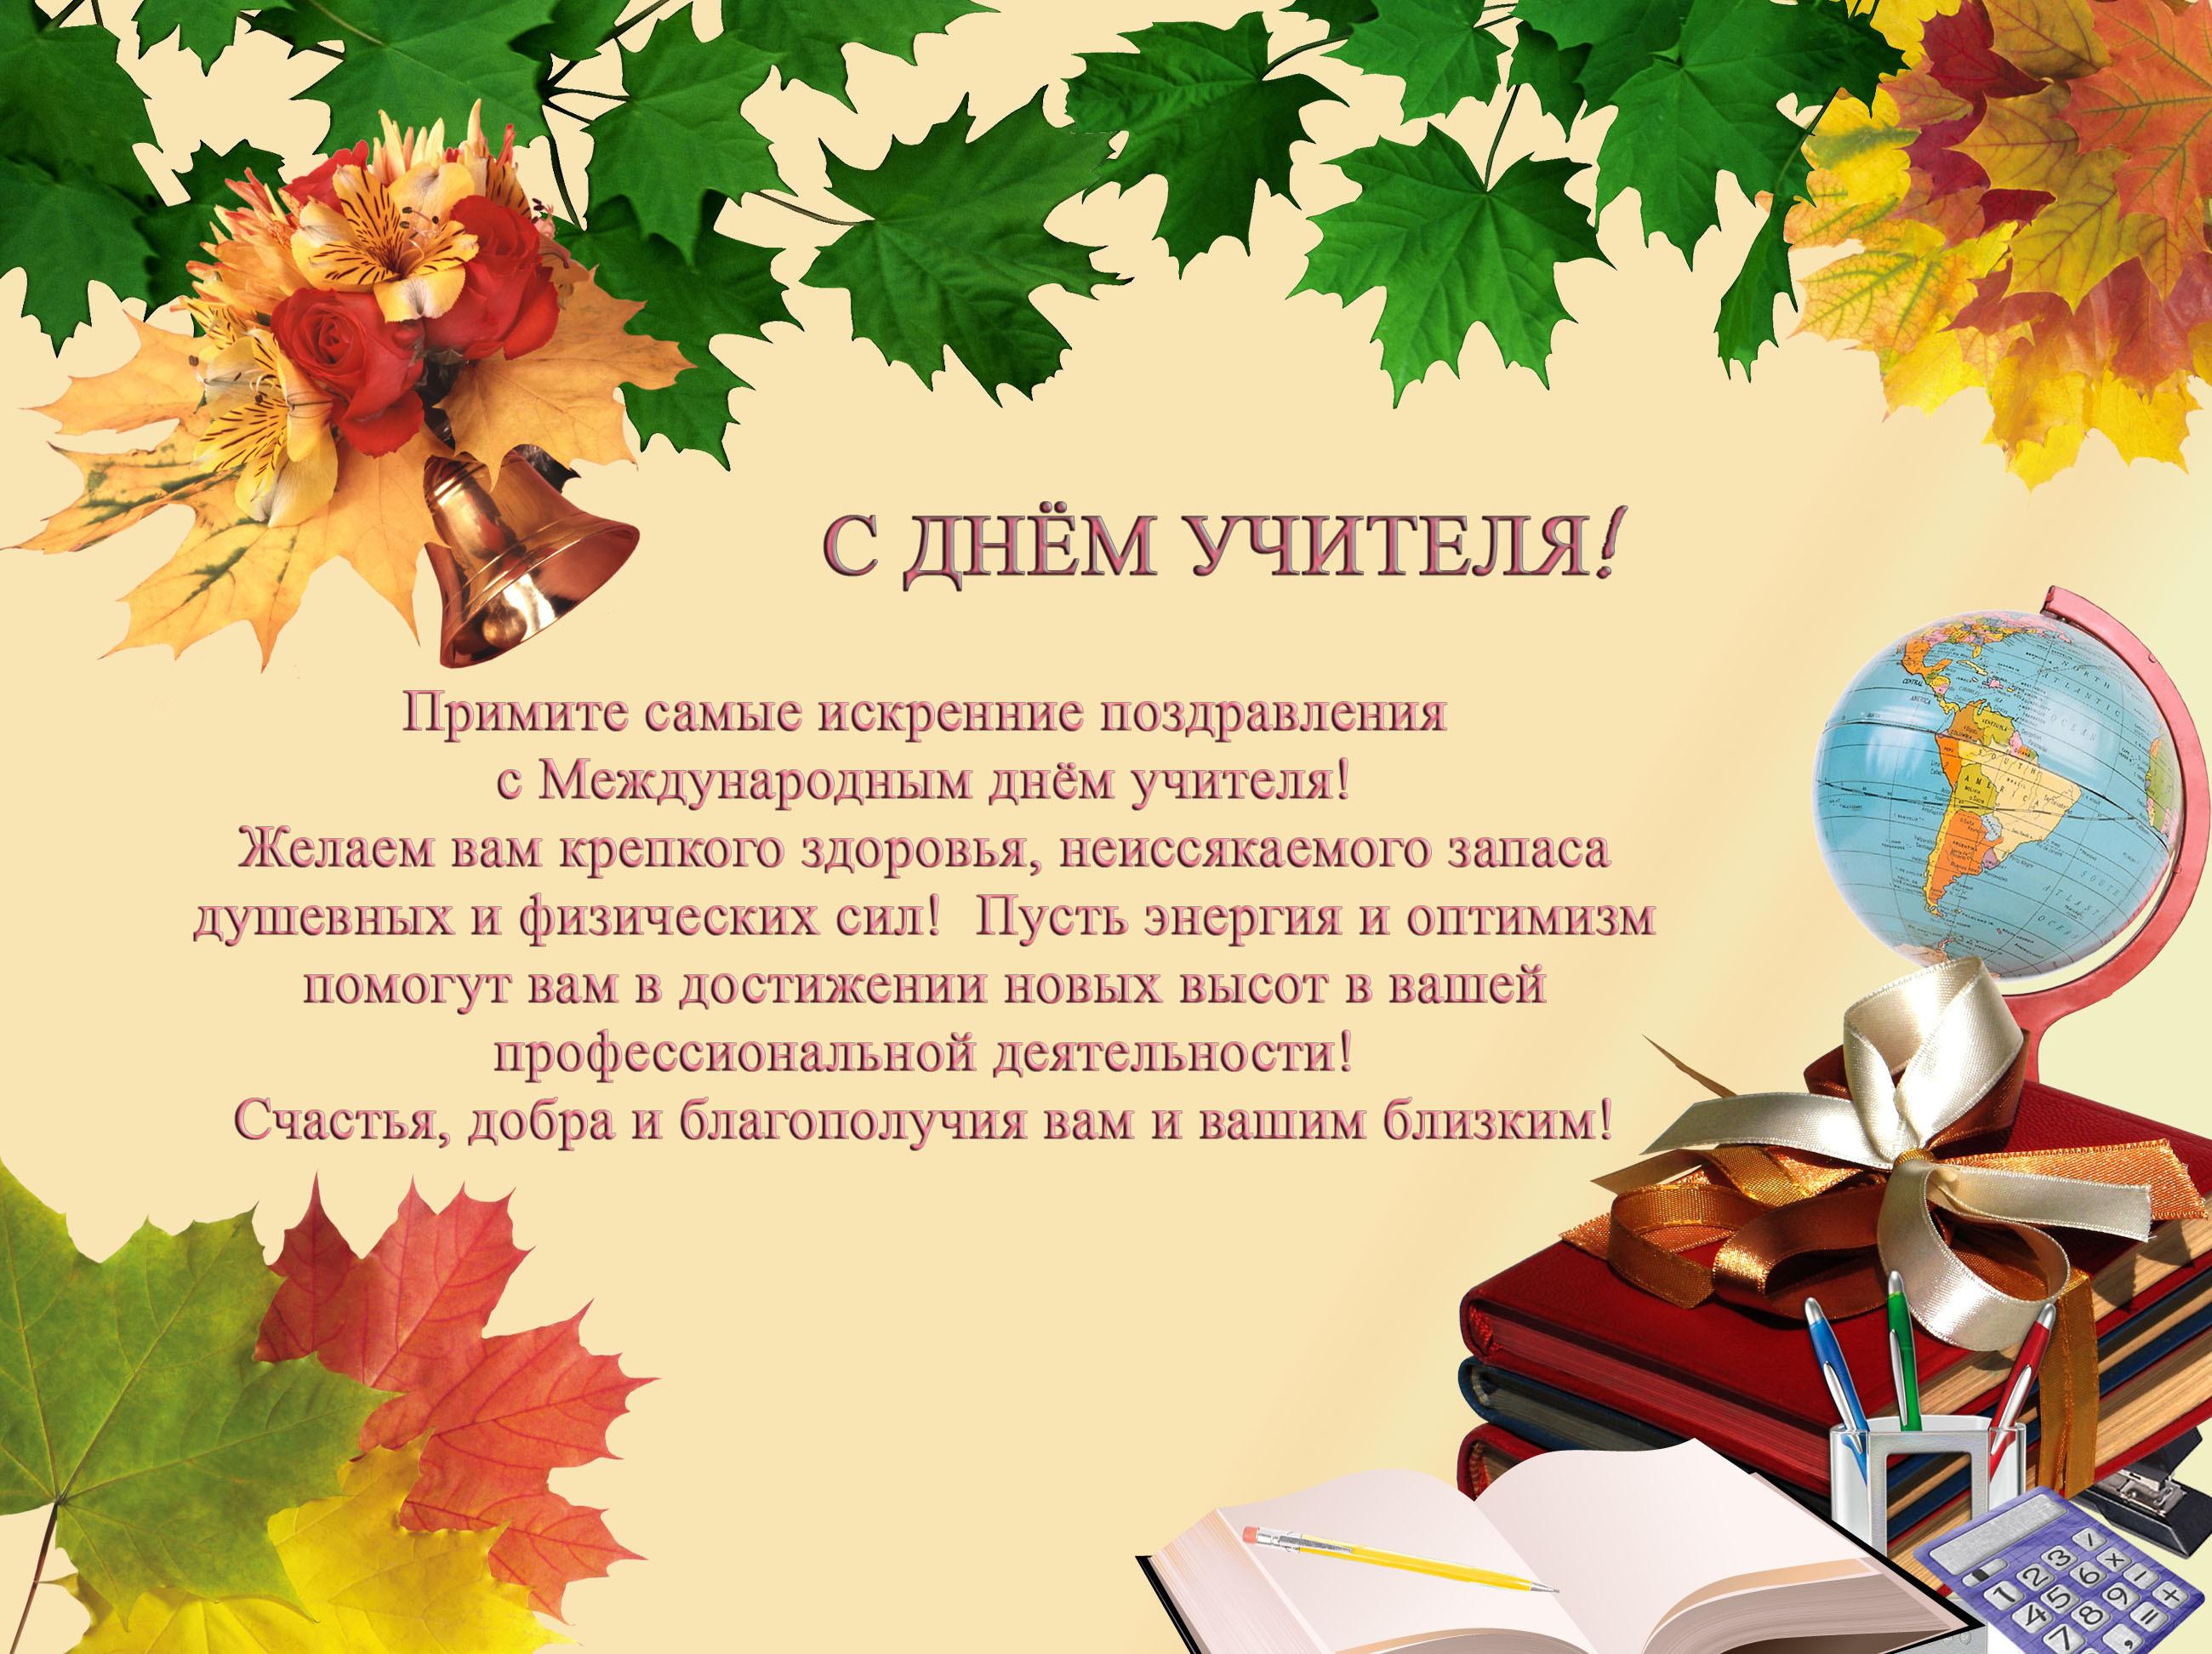 Pozdravlenie_s_dnyom_ychitelya1